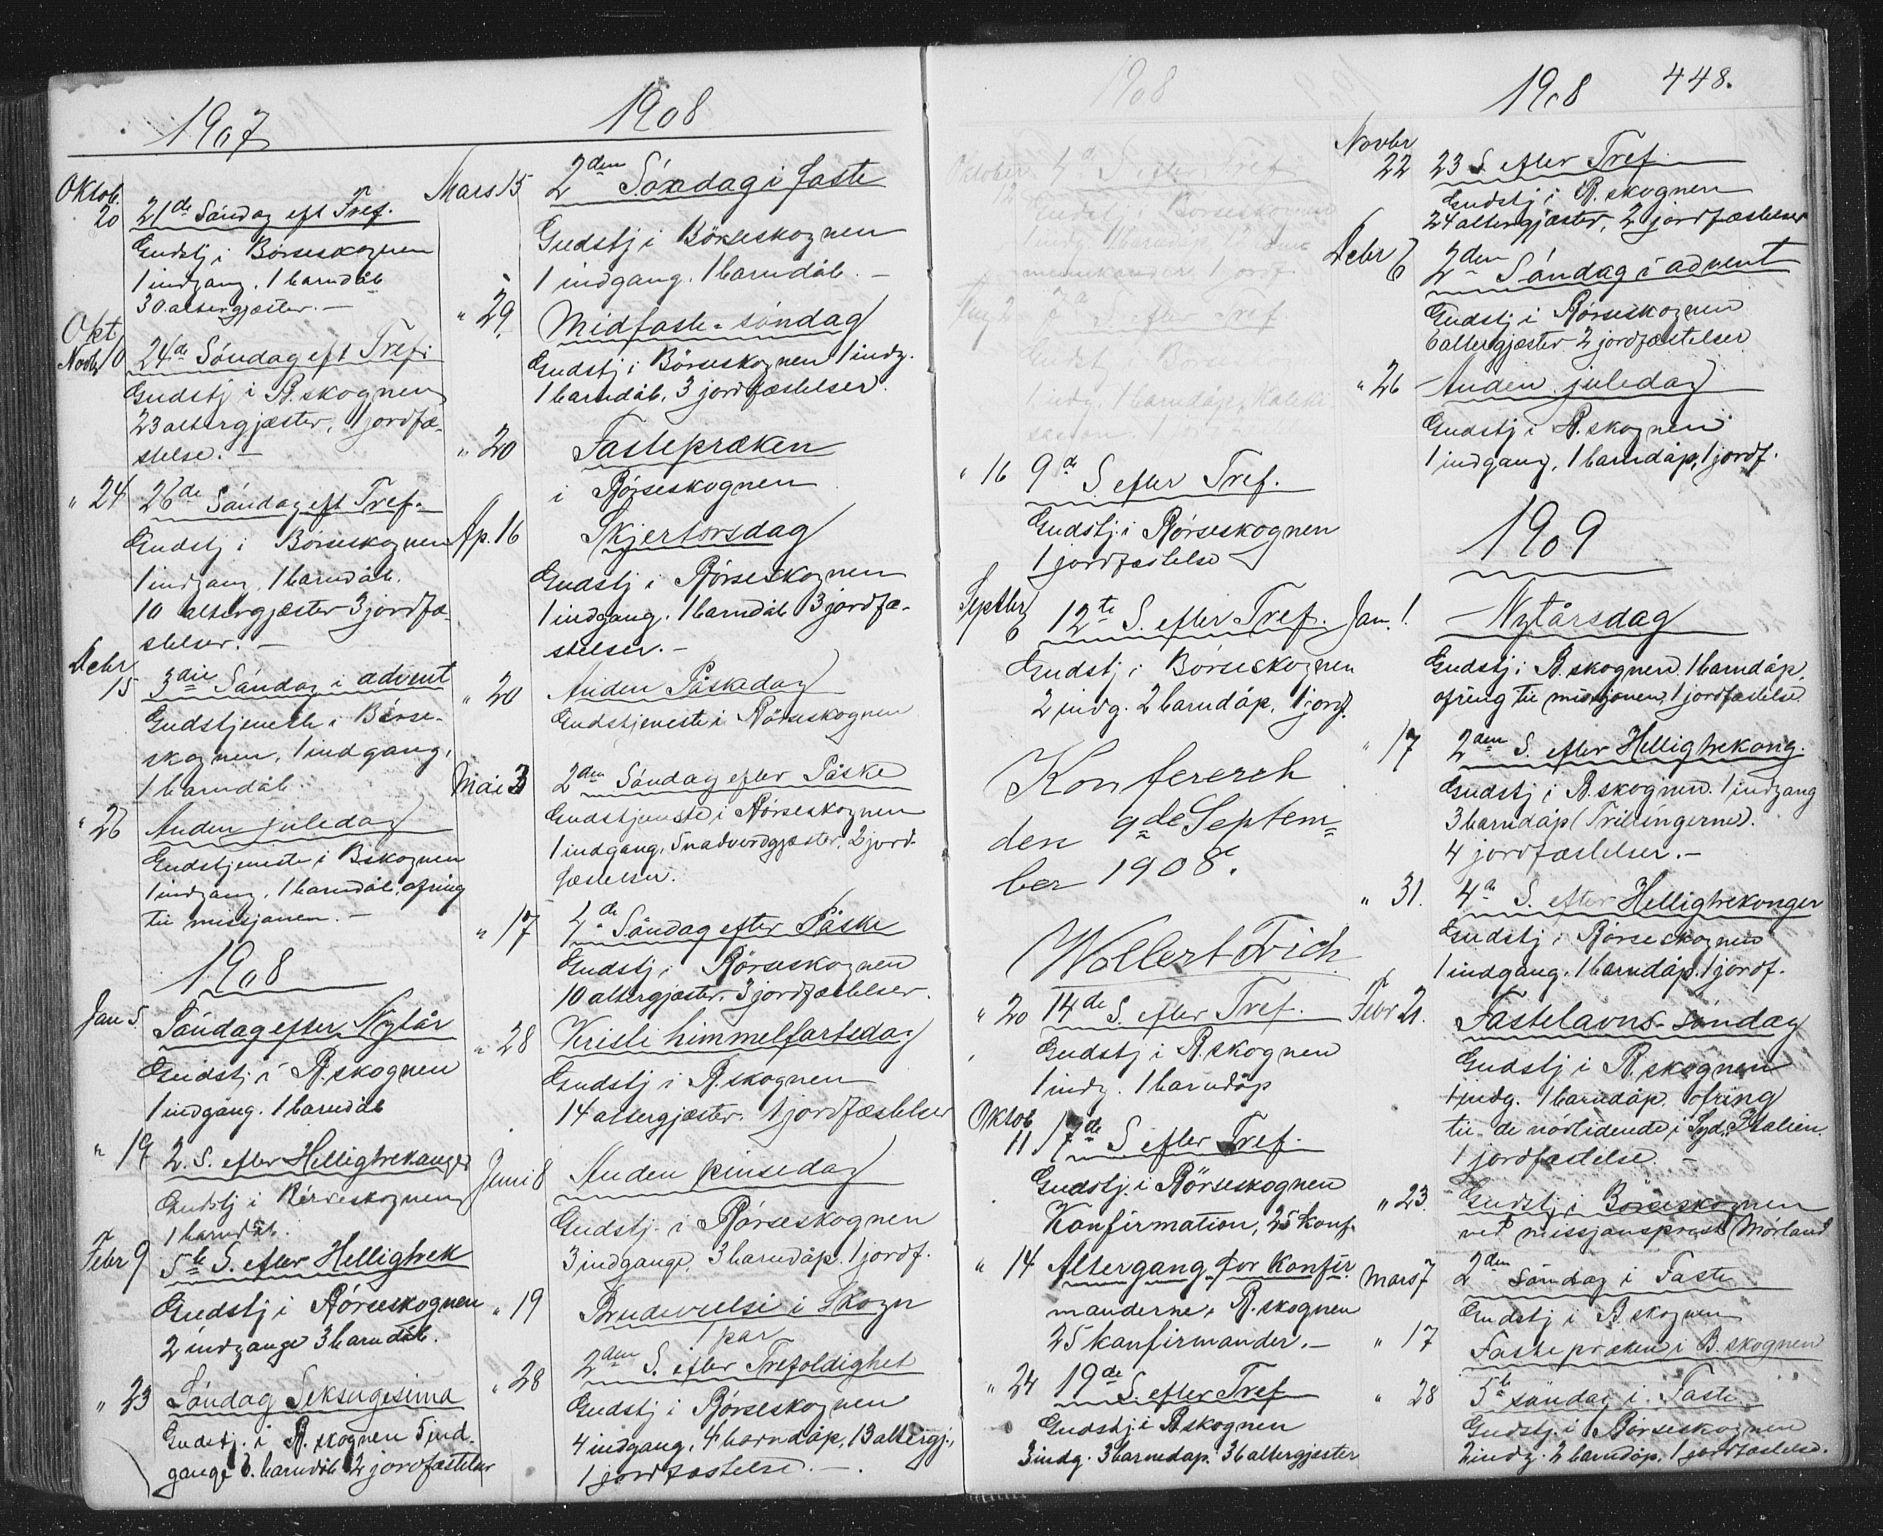 SAT, Ministerialprotokoller, klokkerbøker og fødselsregistre - Sør-Trøndelag, 667/L0798: Klokkerbok nr. 667C03, 1867-1929, s. 448